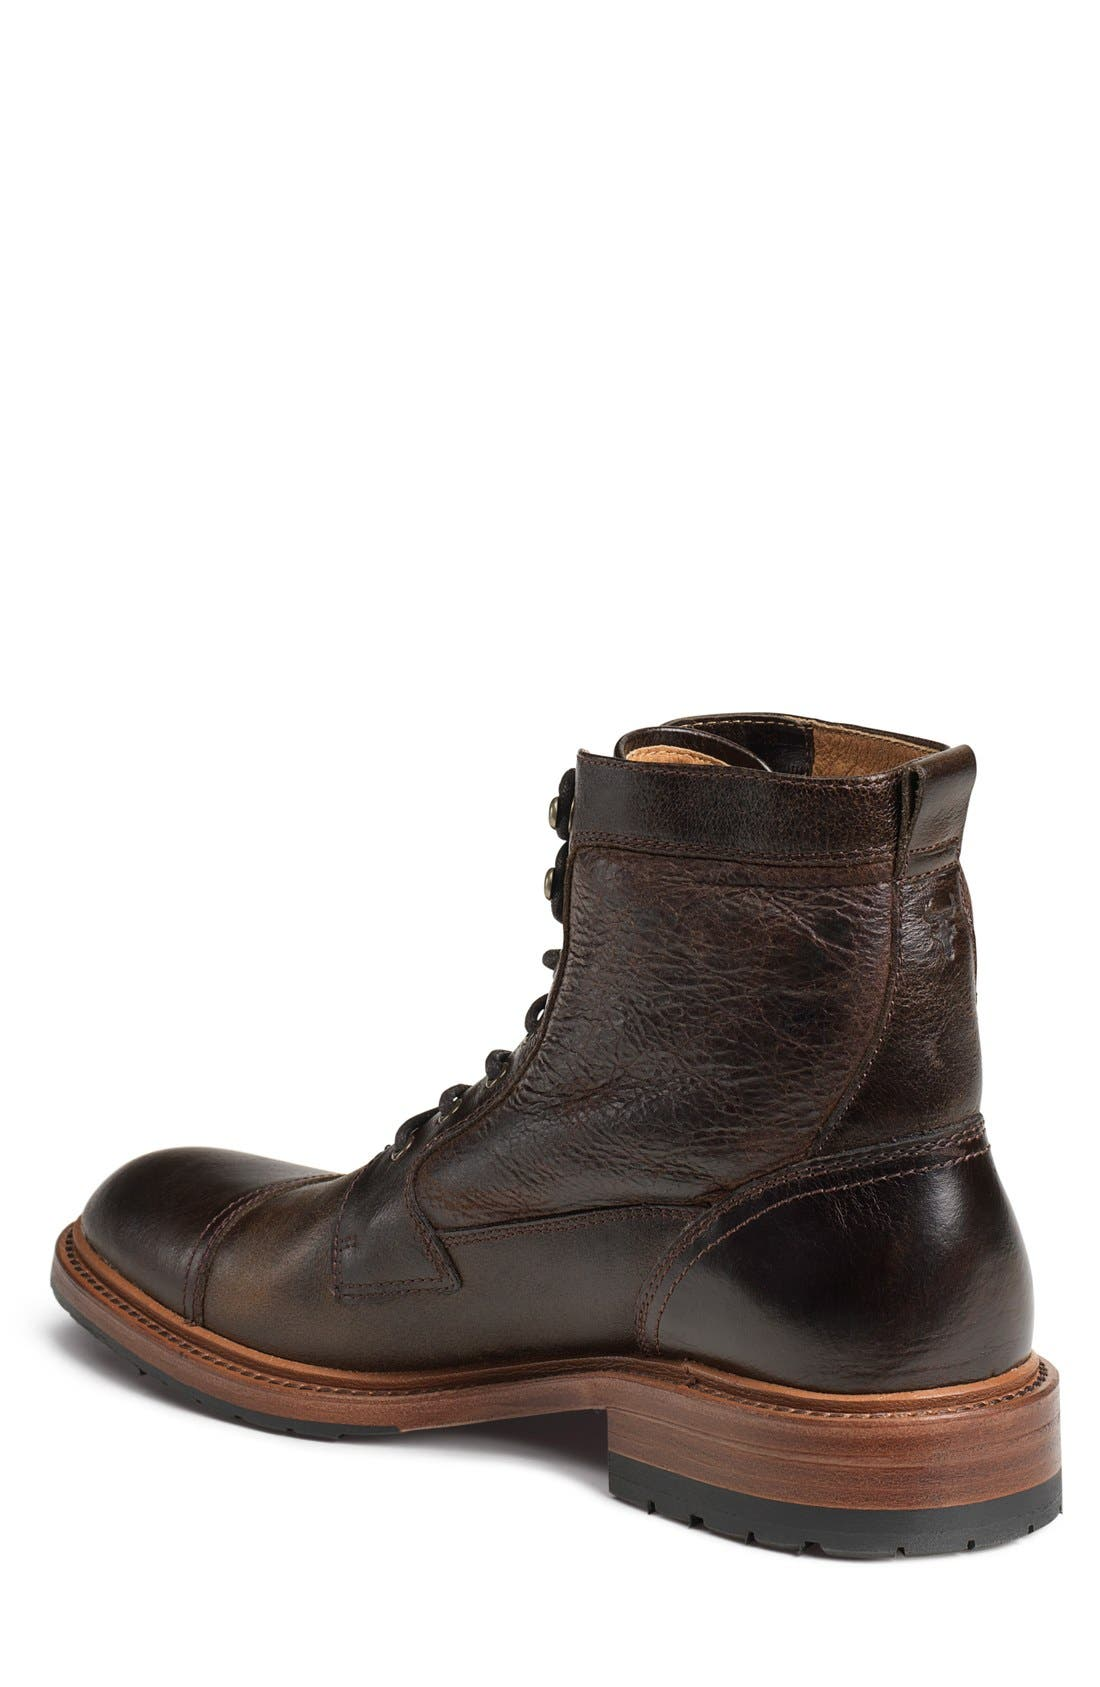 'Lowell' Cap Toe Boot,                             Alternate thumbnail 2, color,                             Dark Brown